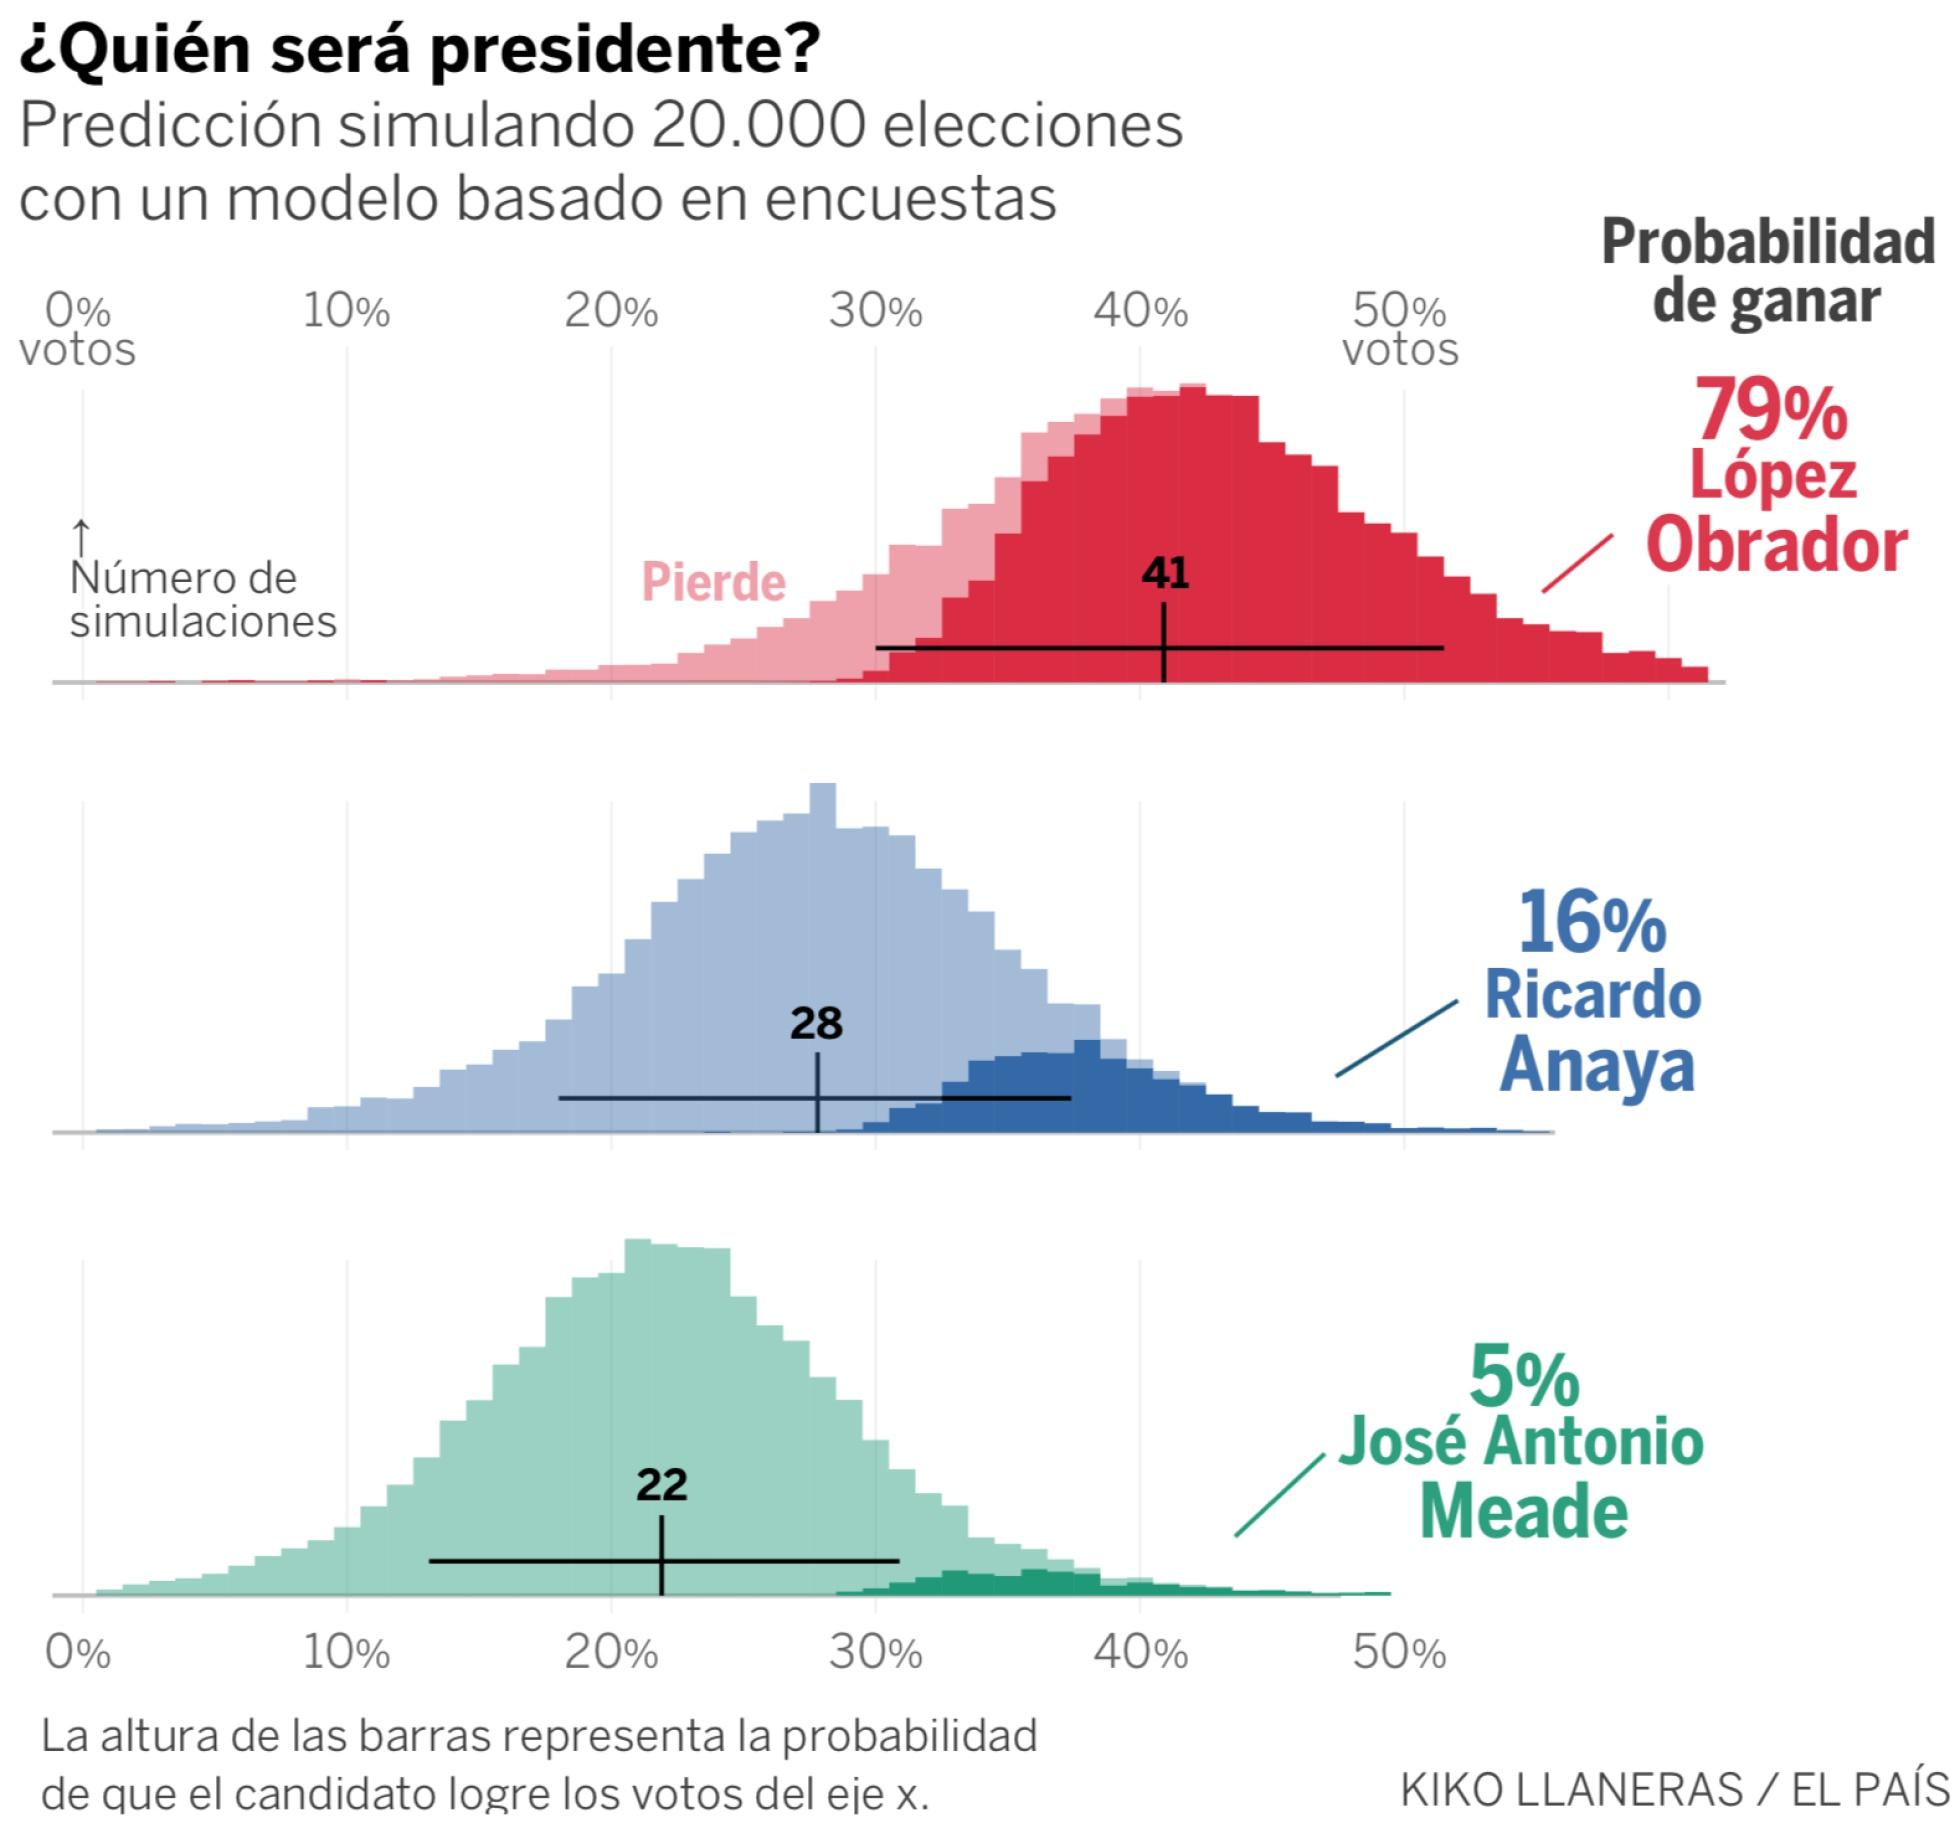 Ejercicio de predicción simulando 20,000 elecciones con un modelo basado en encuestas. El País.